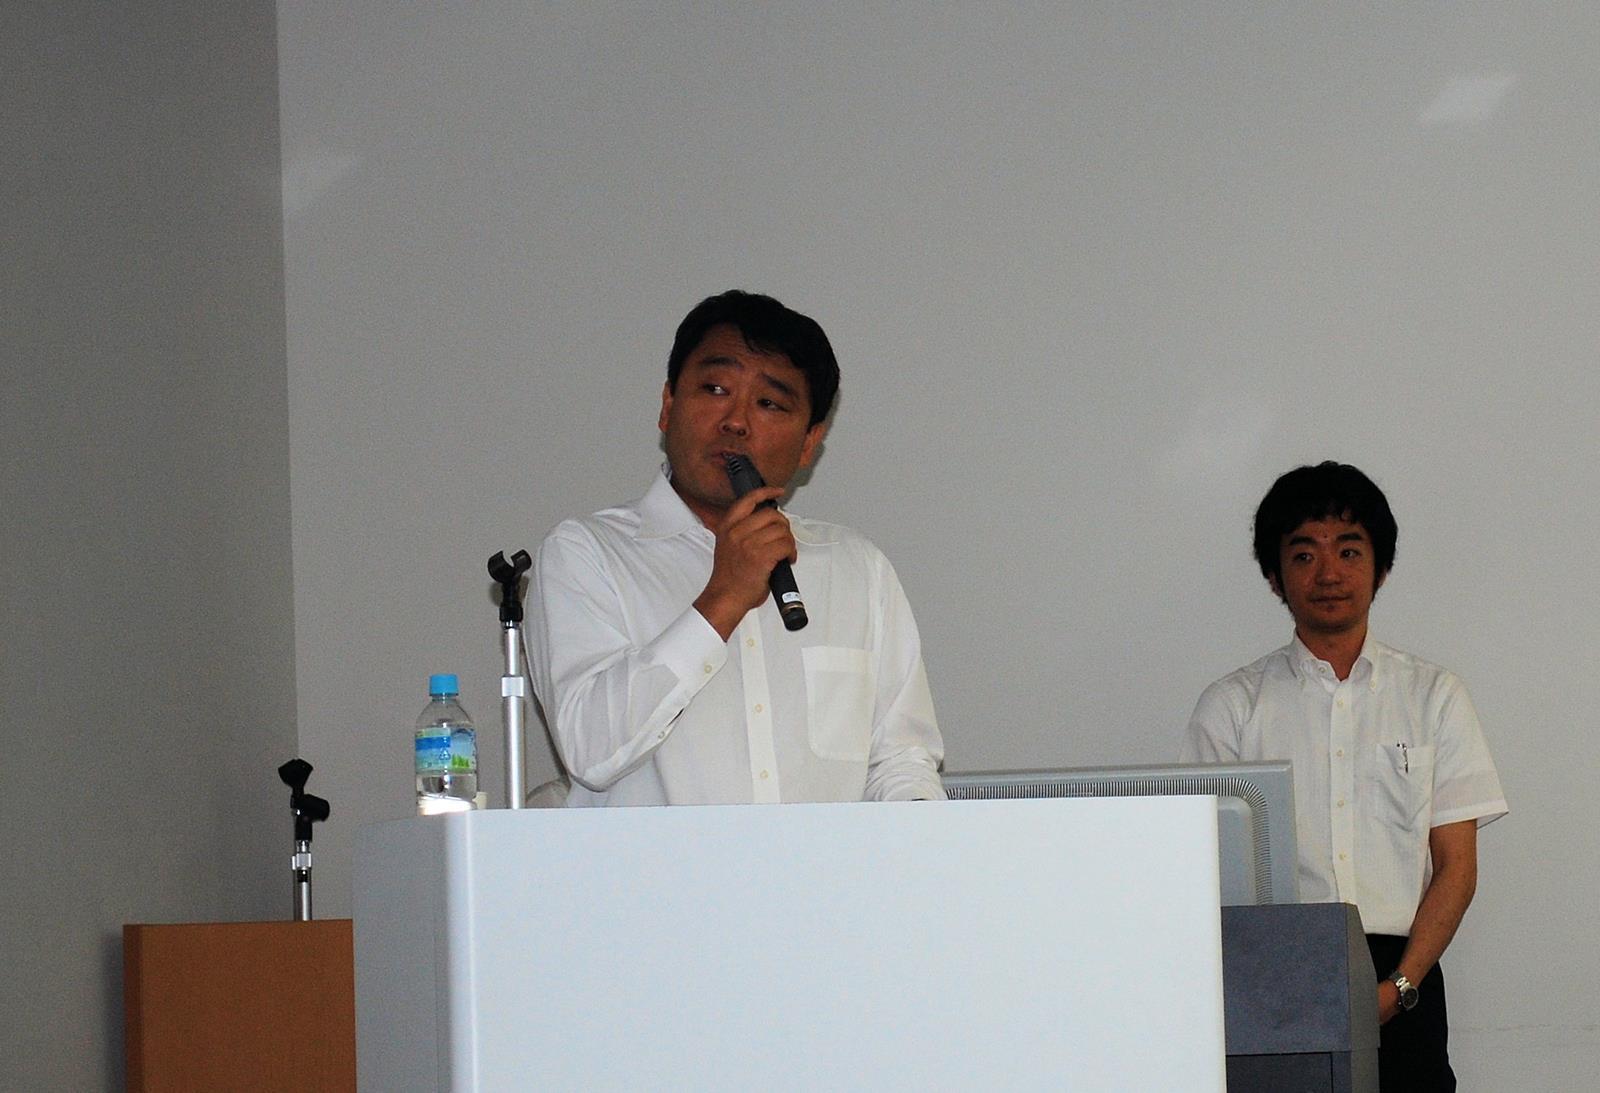 7/3 加藤嘉一氏講演会「だから、今、中国」  活動リポート